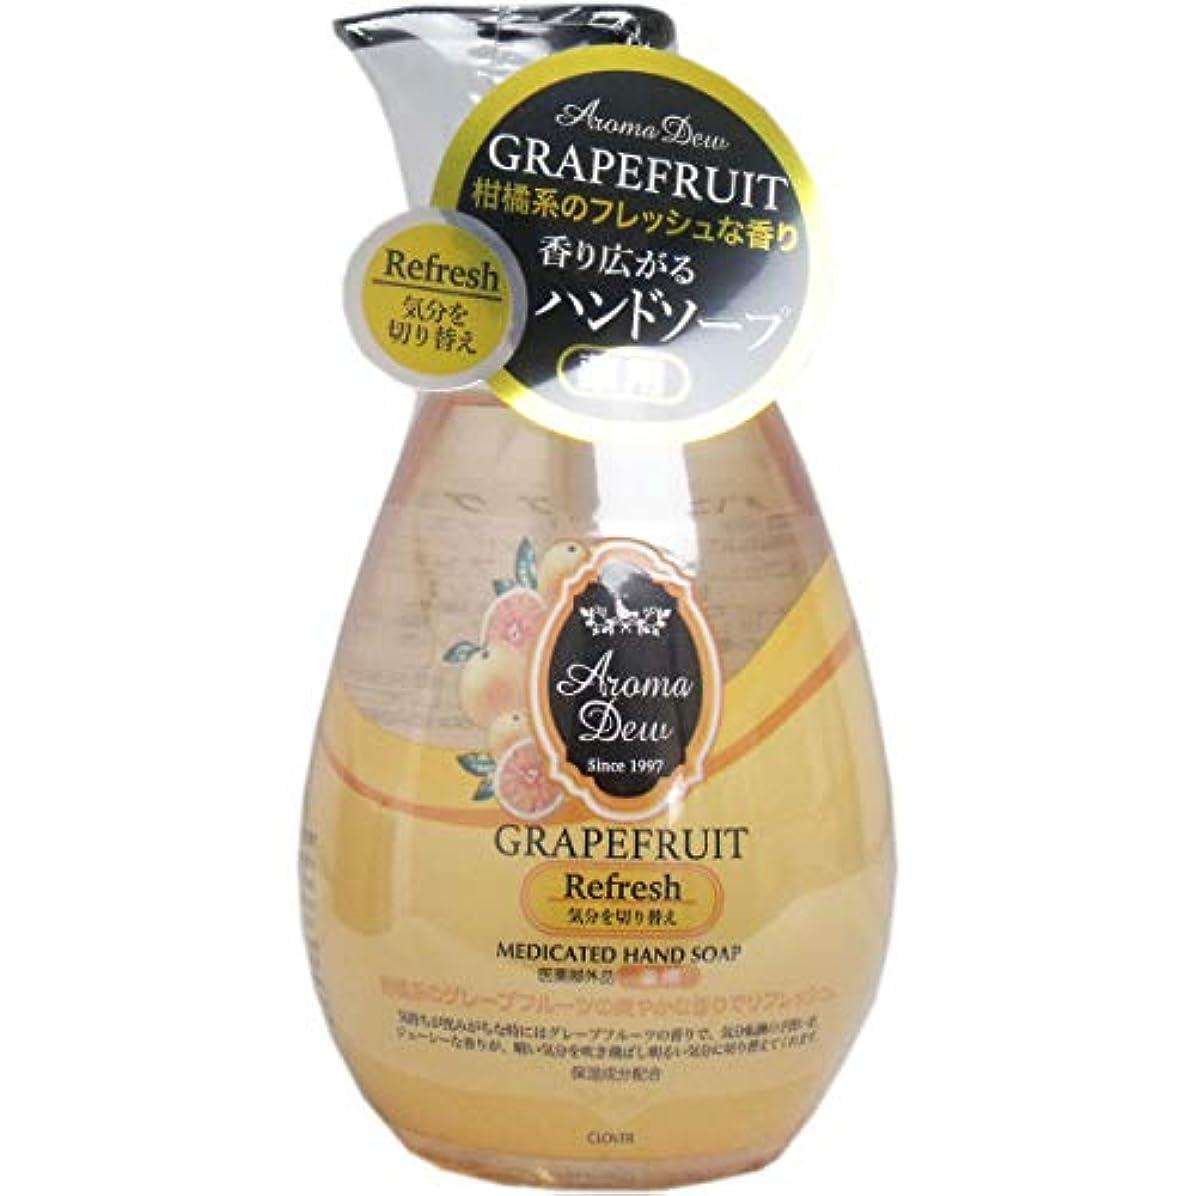 半径求めるリース薬用アロマデュウ ハンドソープ グレープフルーツの香り 260mL×5個セット(管理番号 4901498104453)